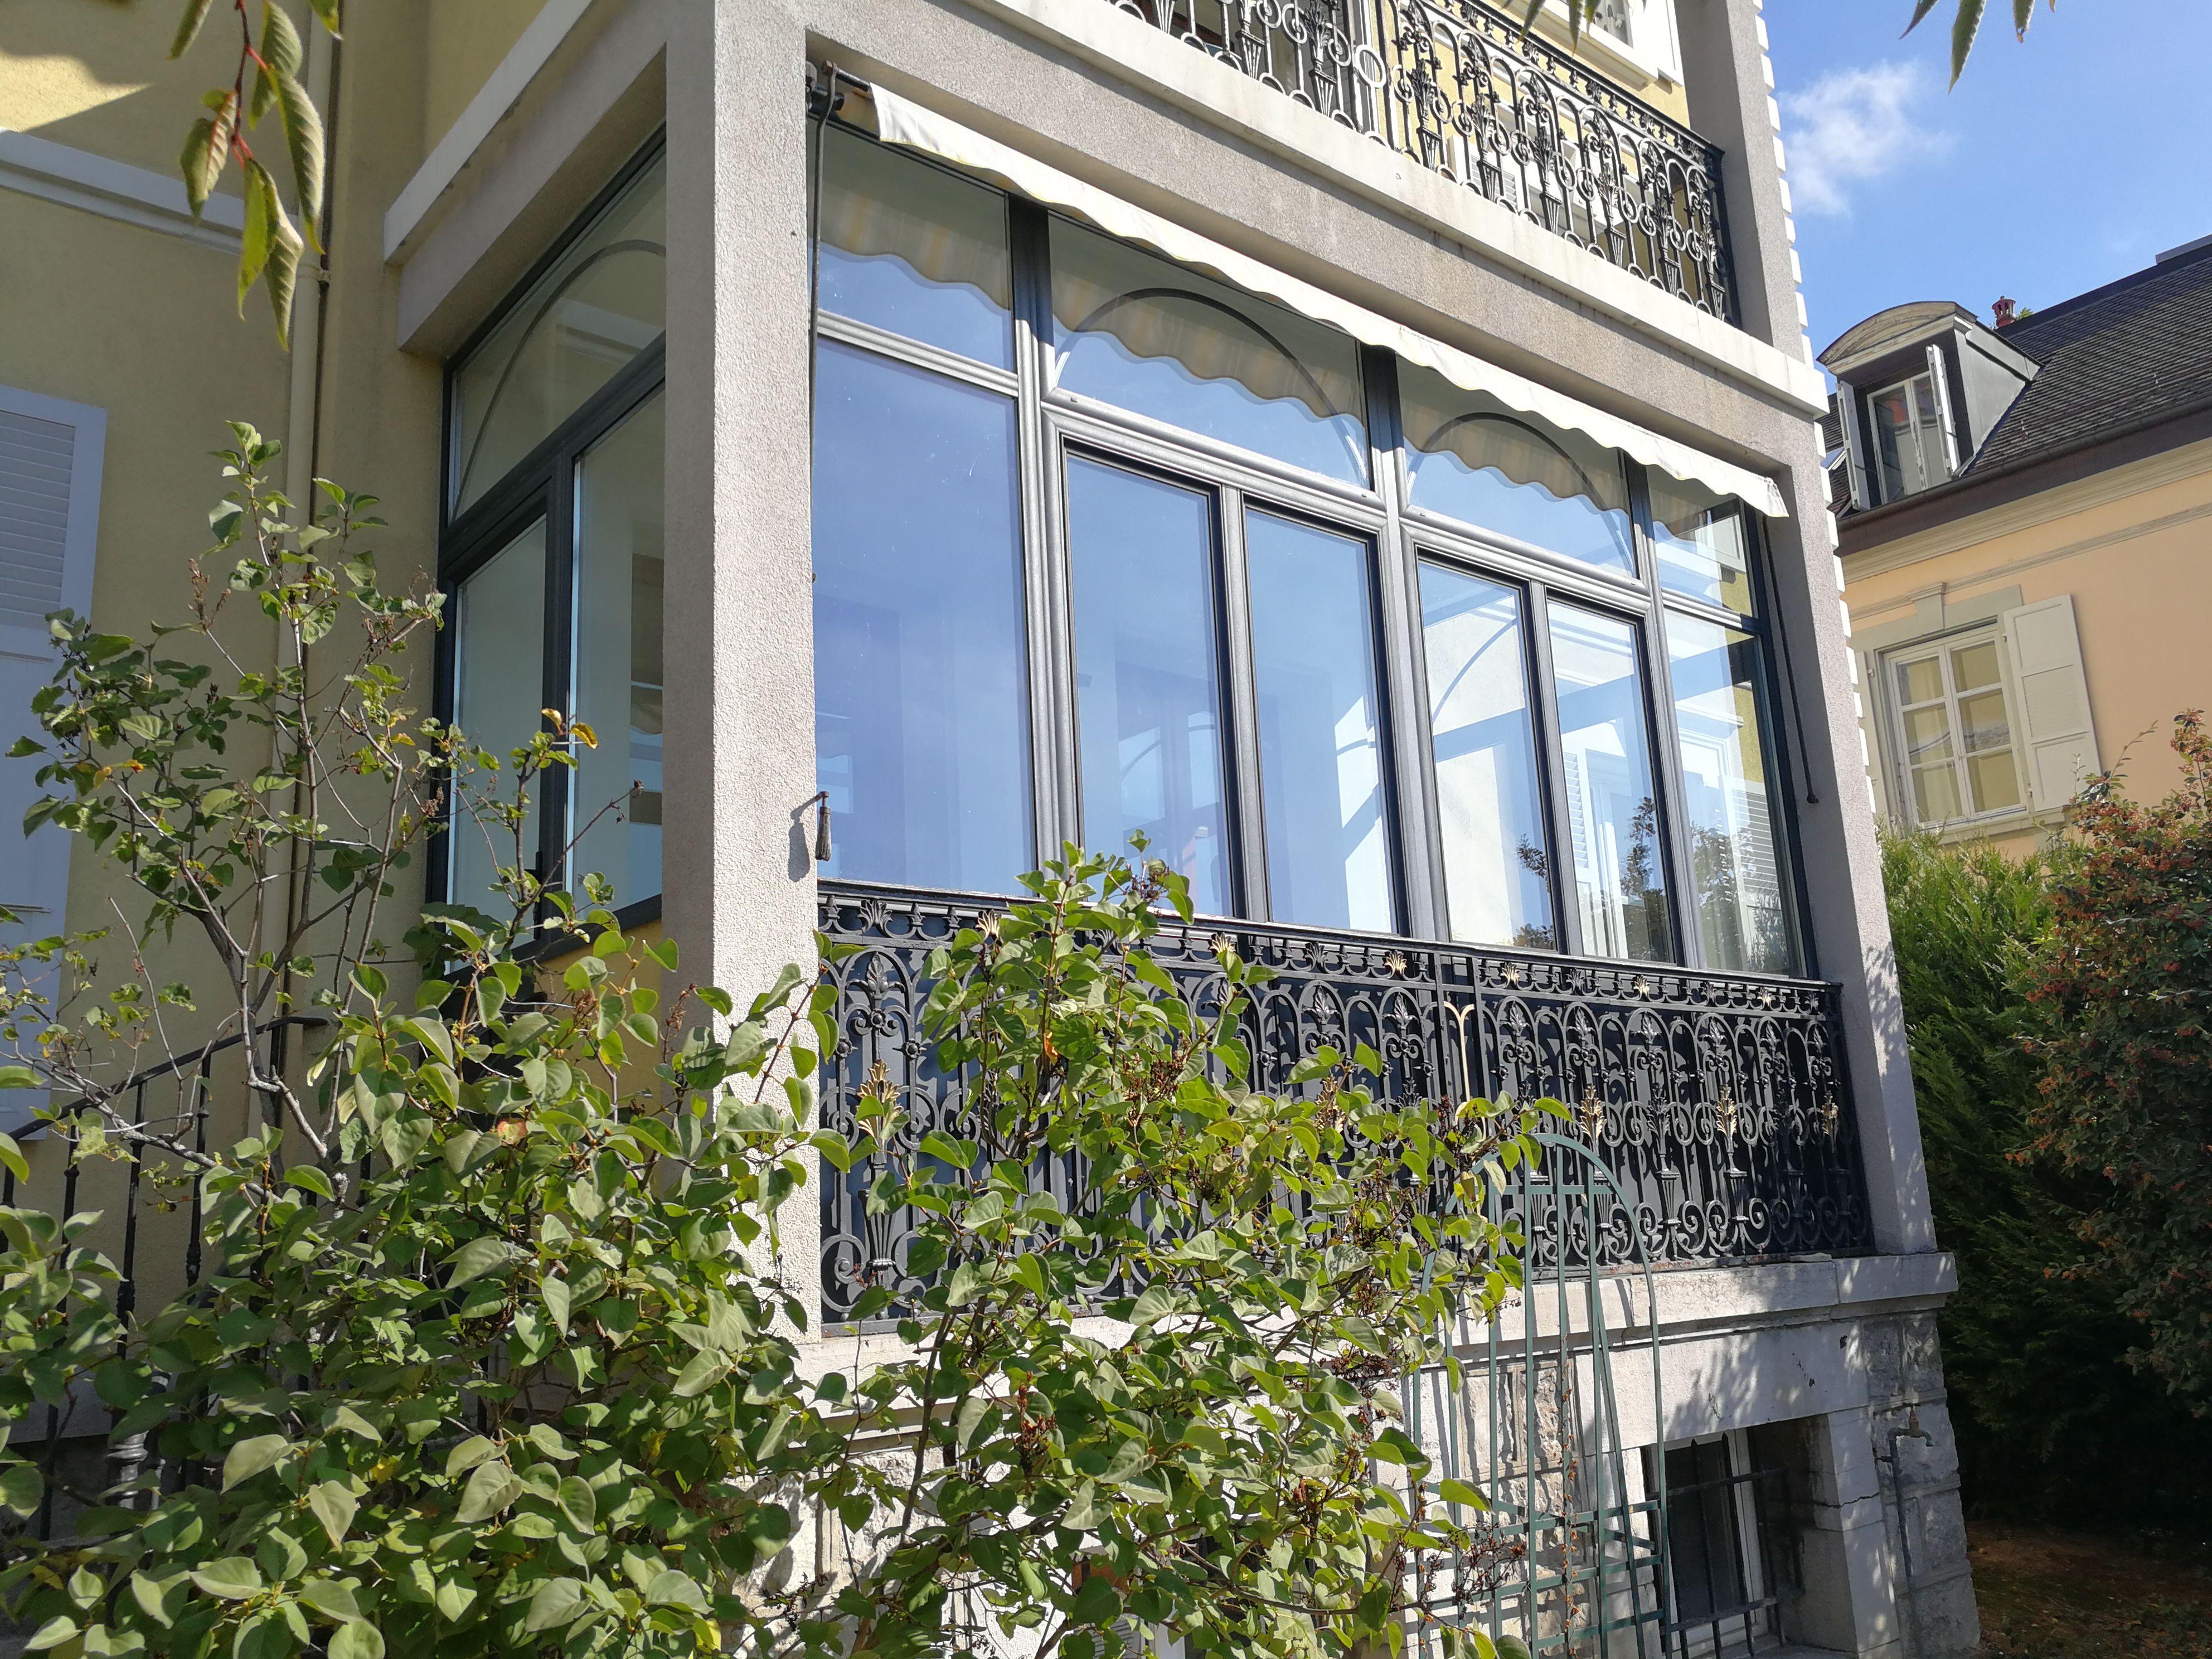 Fermeture De Balcon Pour Gagner Plus D Espace Fenetres Aluminium Verre Verenda